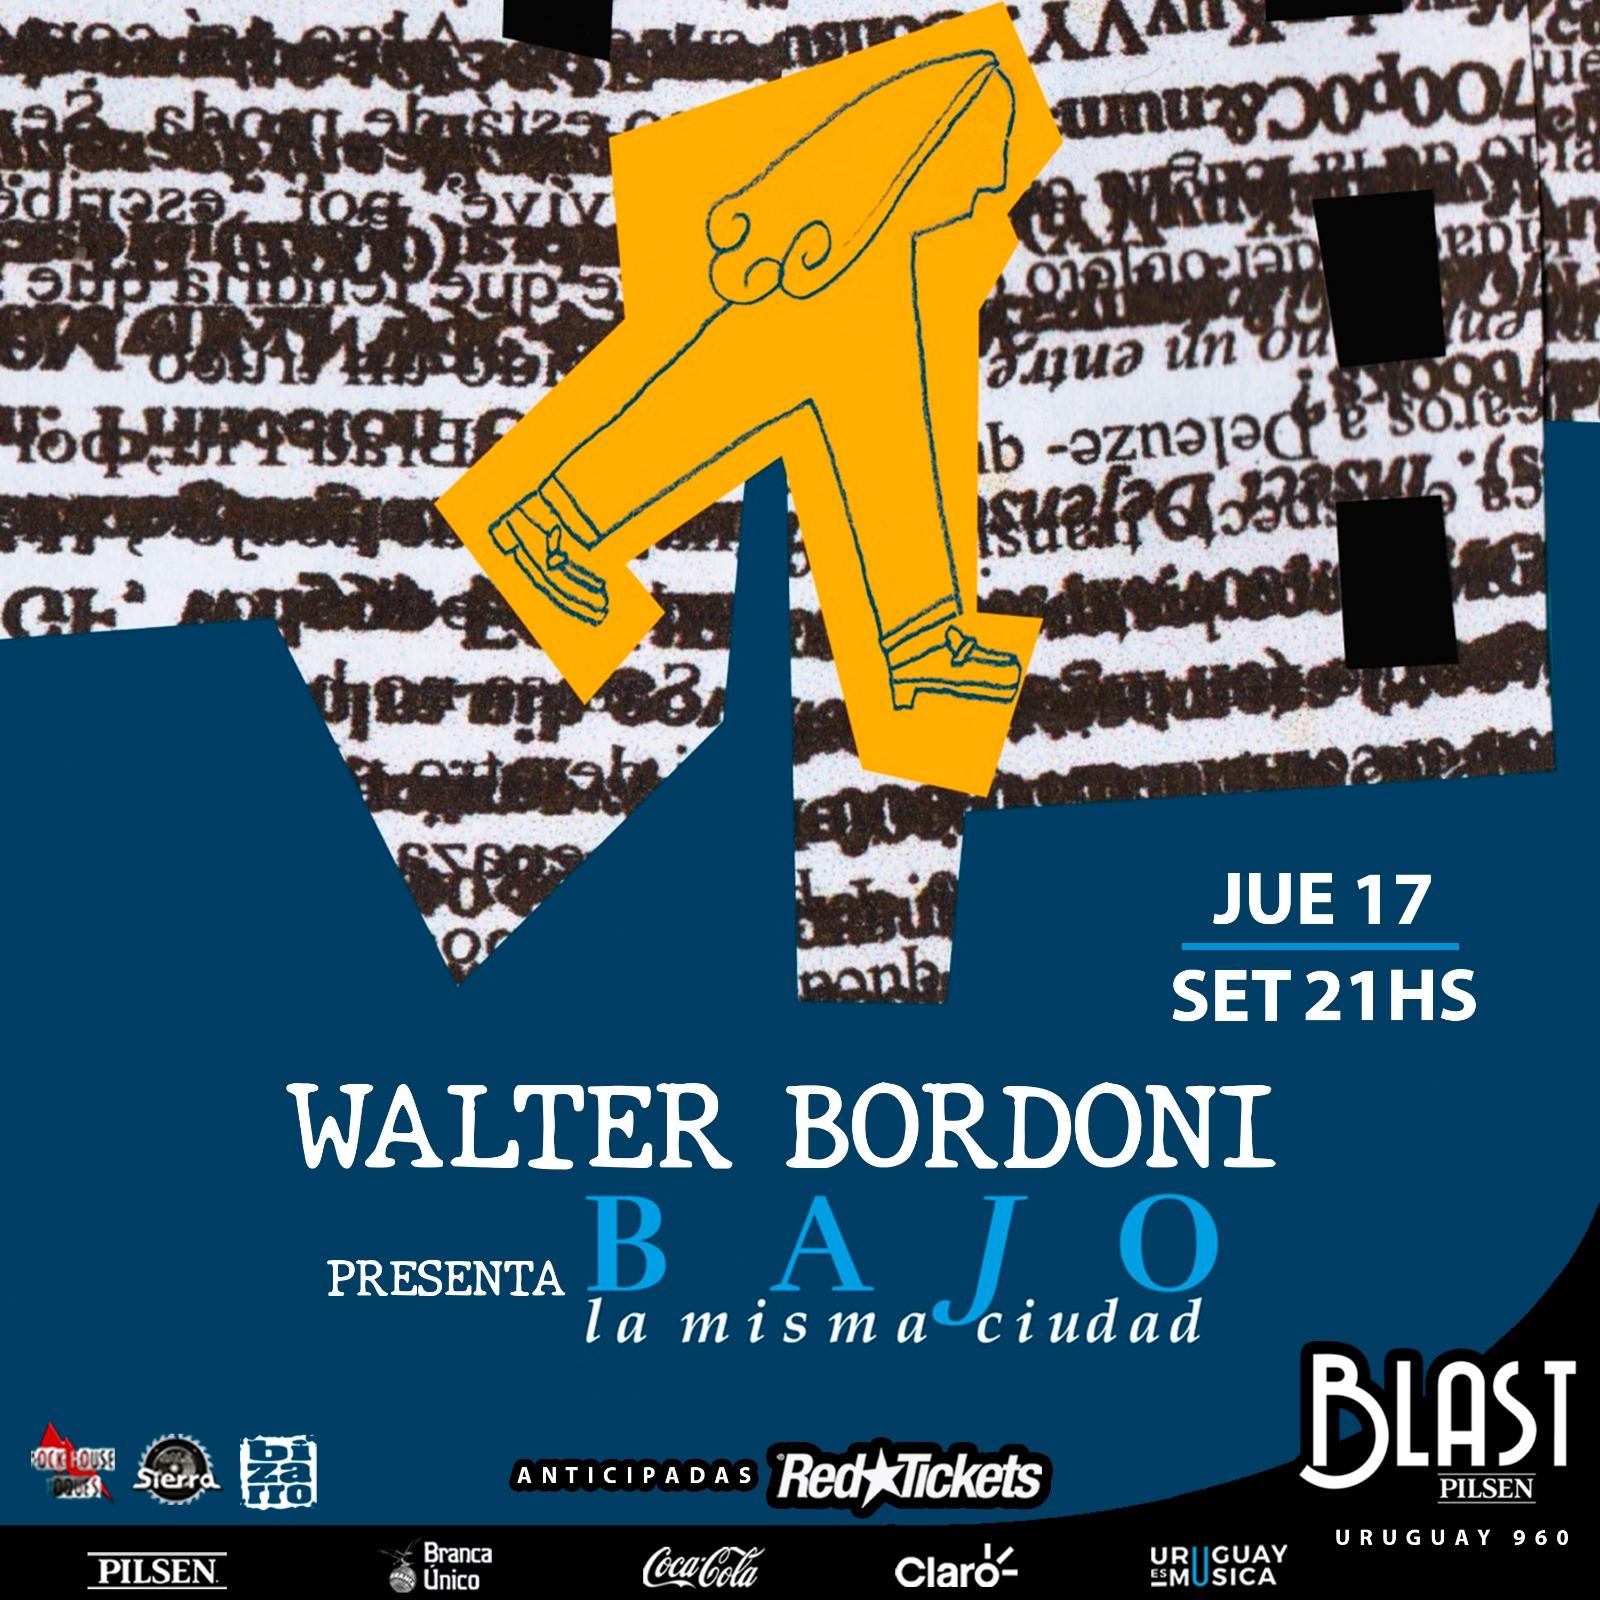 WALTER BORDONI en vivo jueves 17 de setiembre - 21.00 hs BLAST